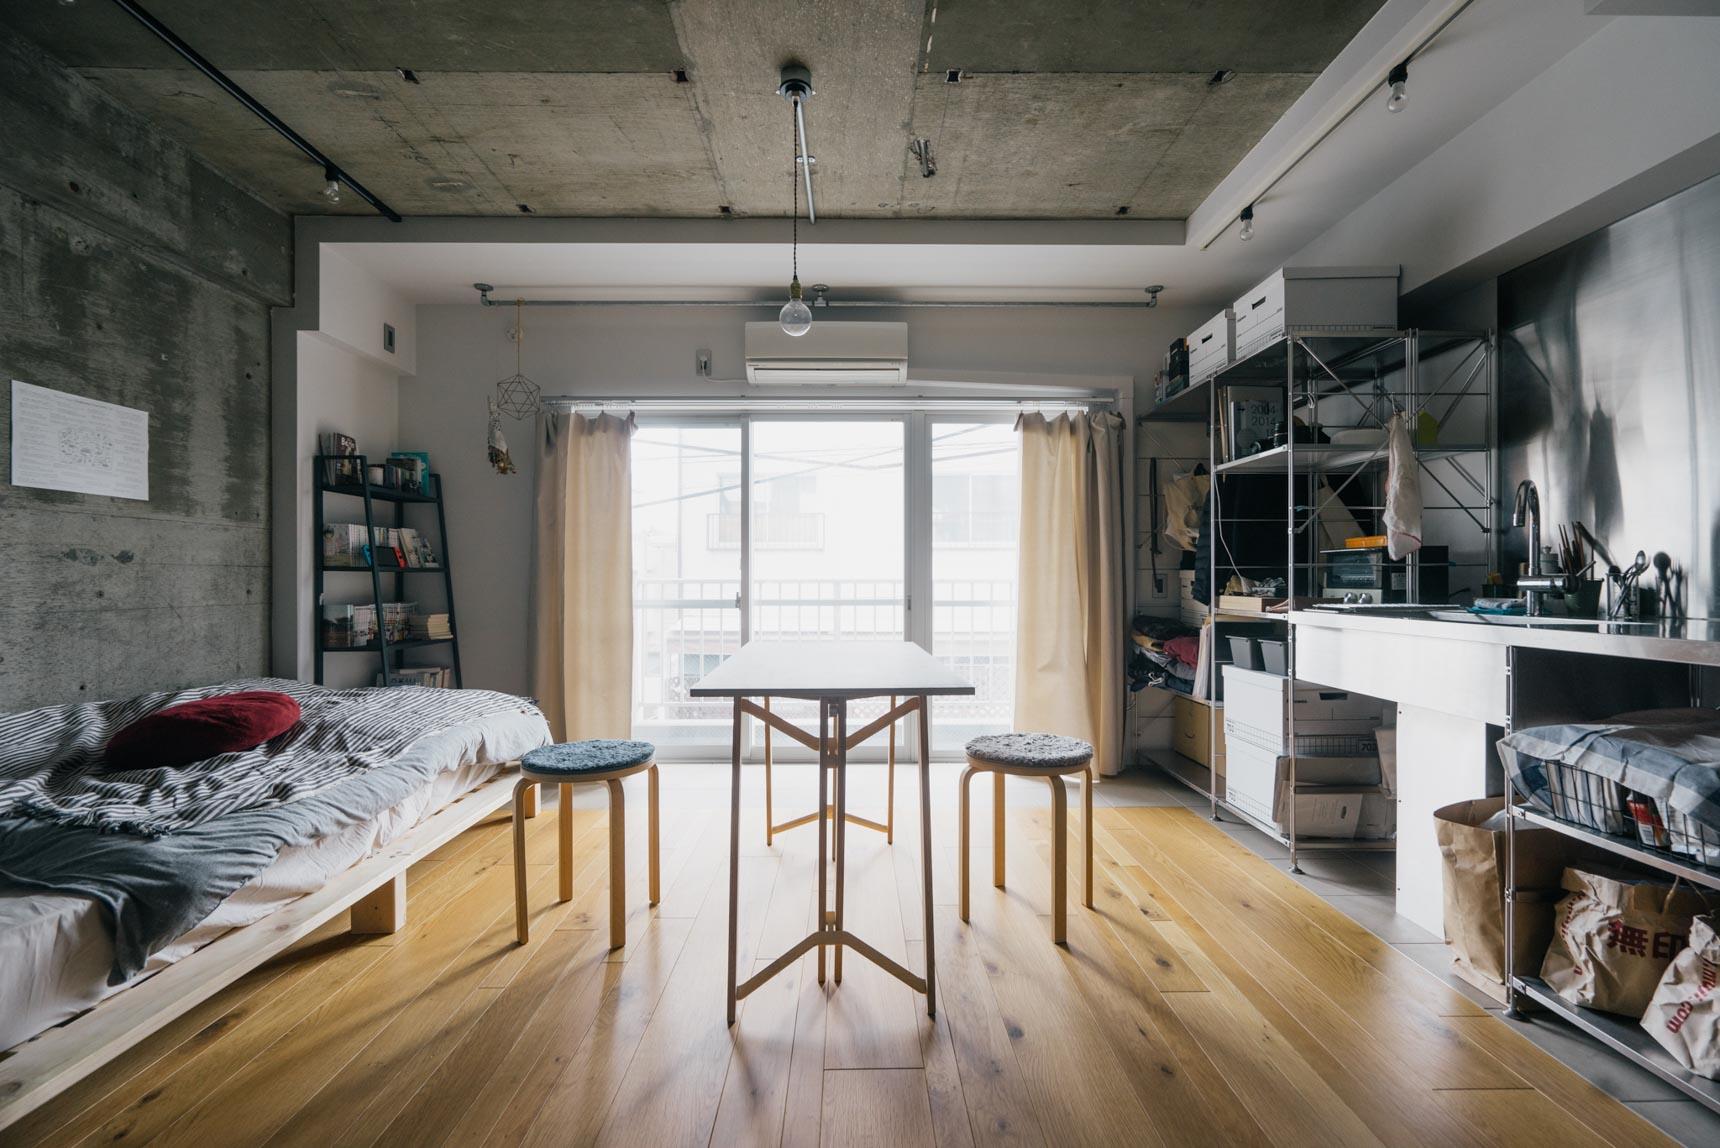 コンクリート打ちっぱなしの壁と、木の材質の床、というなかなか見ないお部屋のタイプに住んでいる方の事例です。